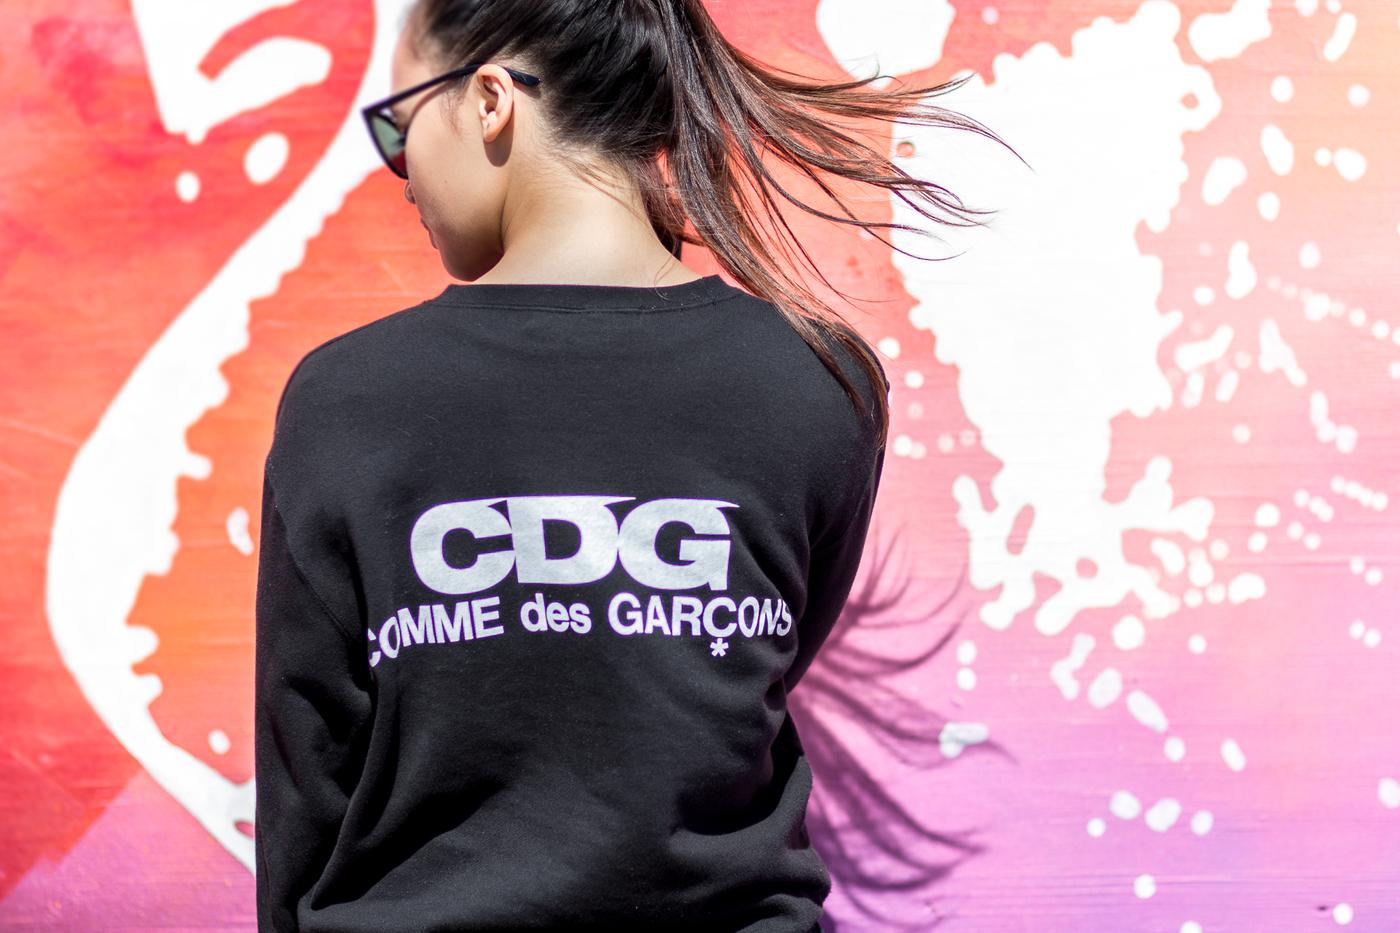 comme_des_garcons-3.jpg